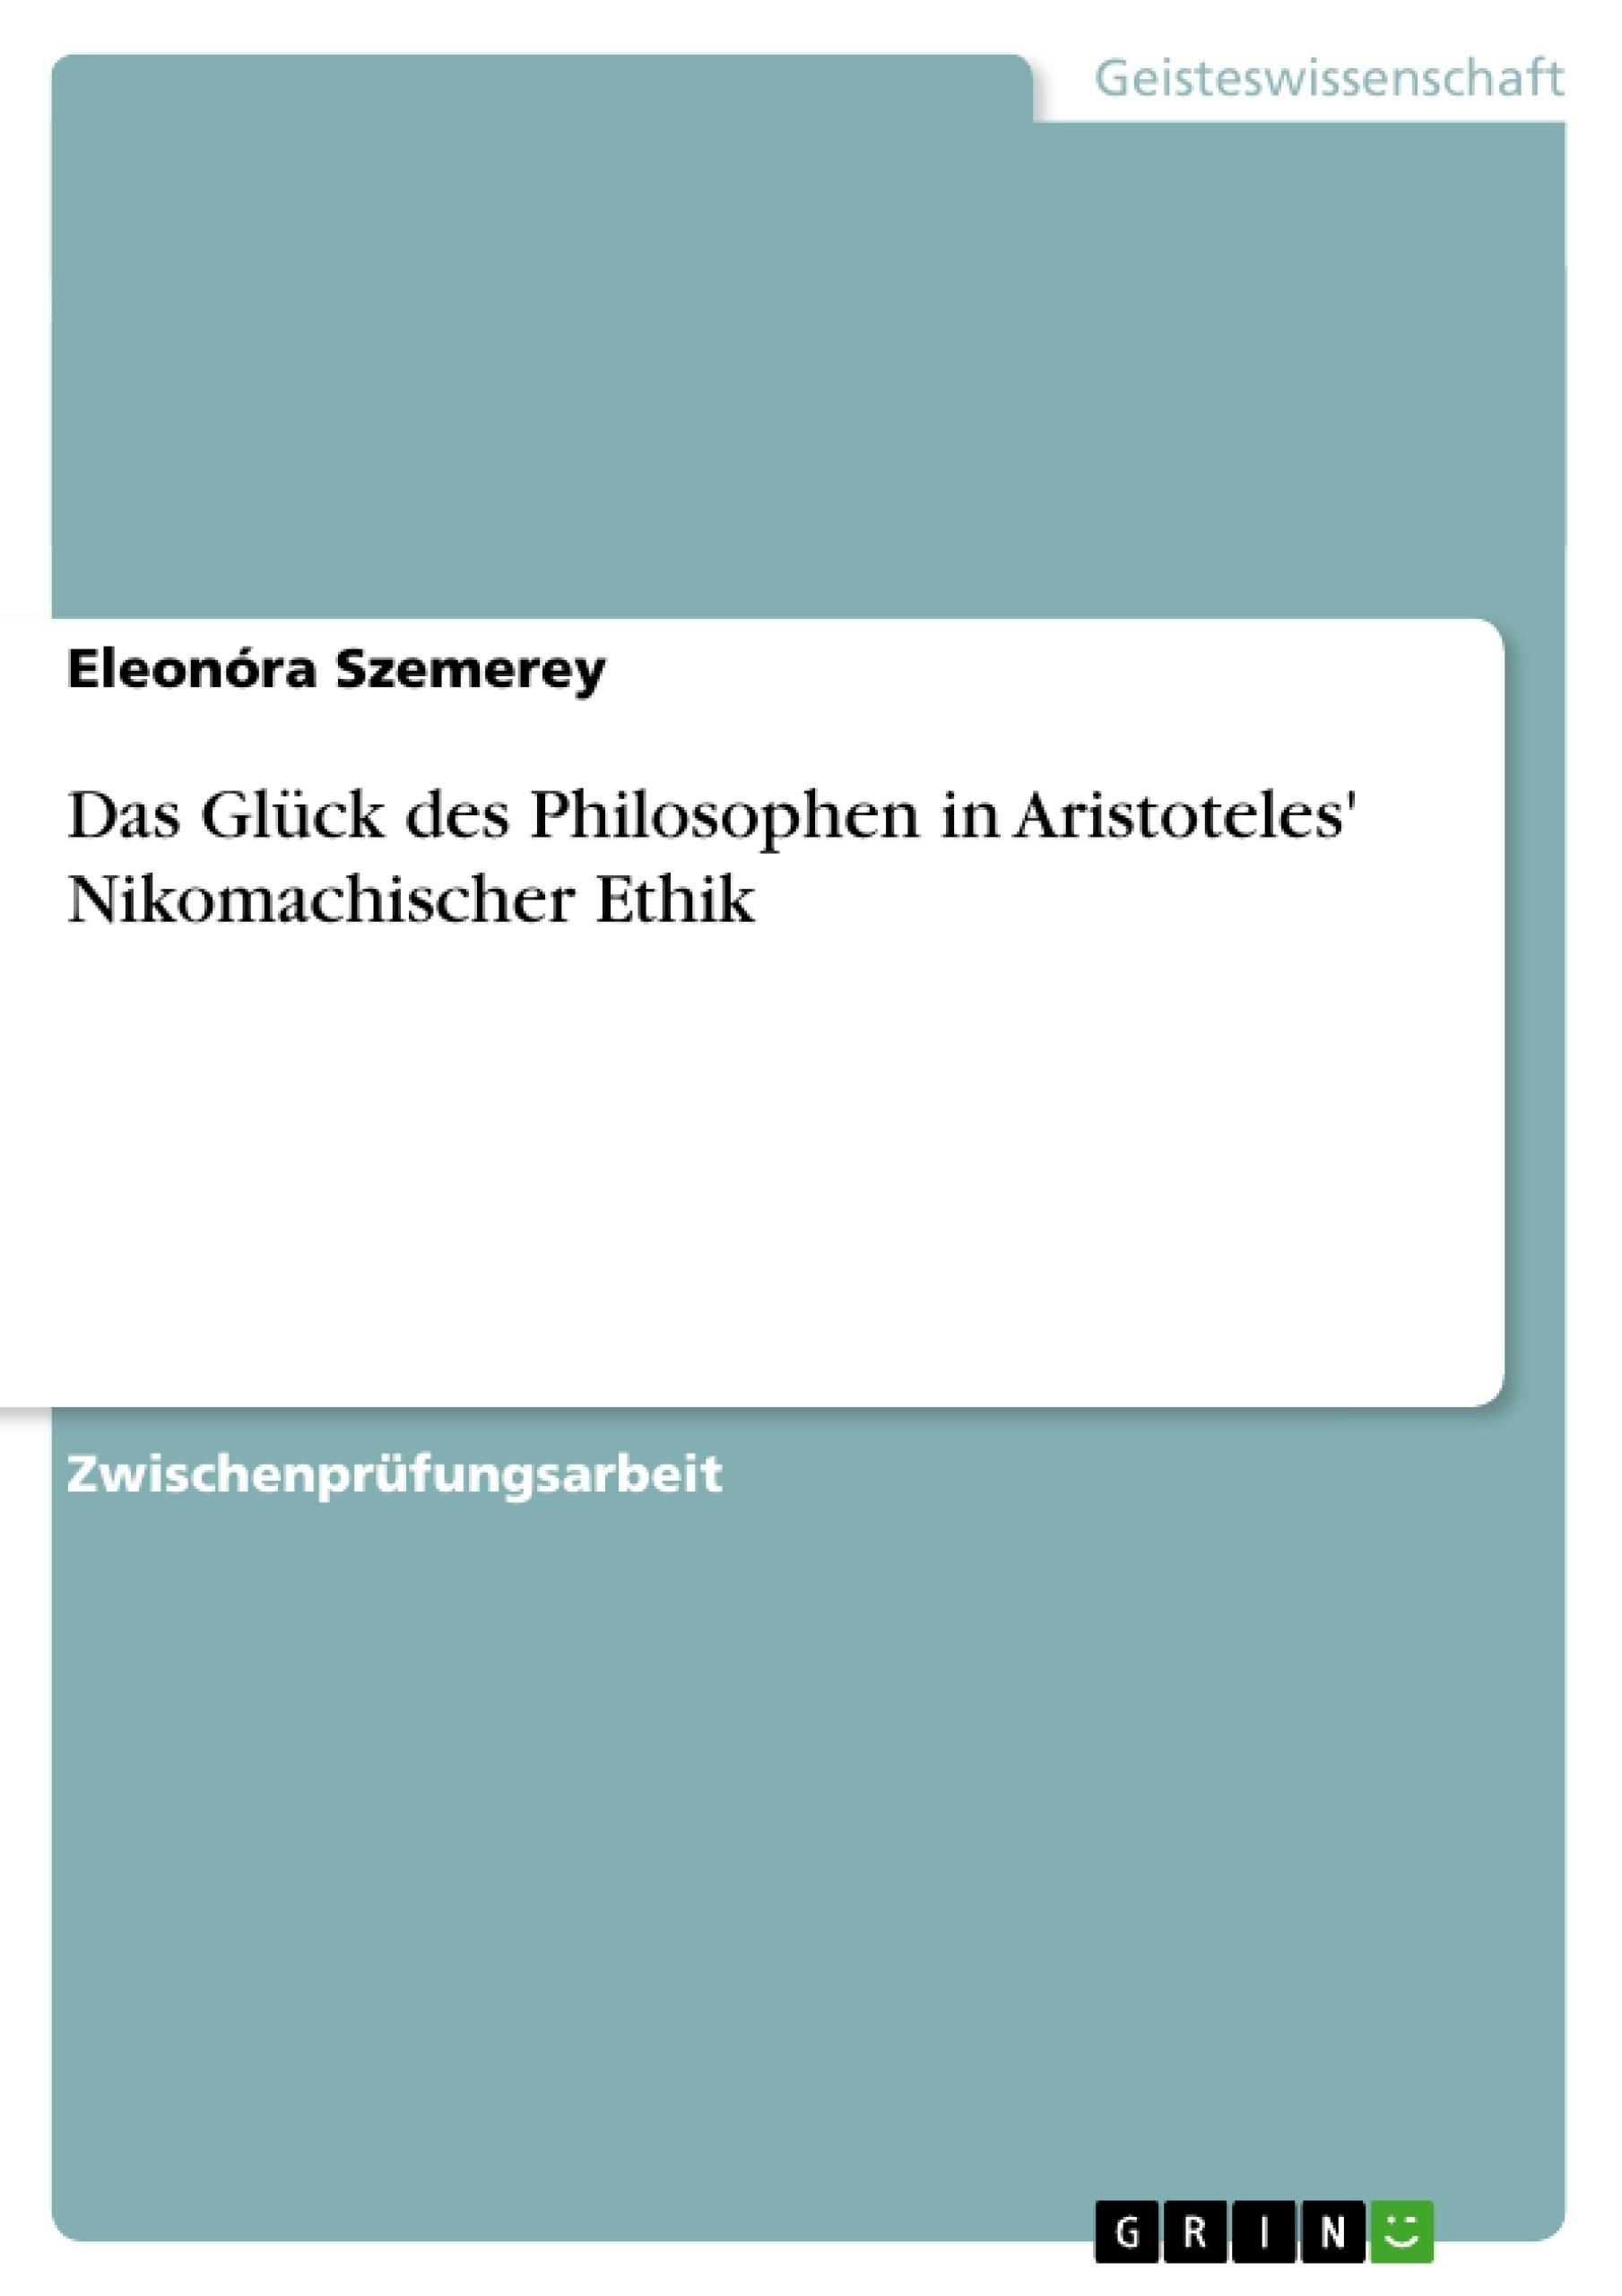 Titel: Das Glück des Philosophen in Aristoteles' Nikomachischer Ethik